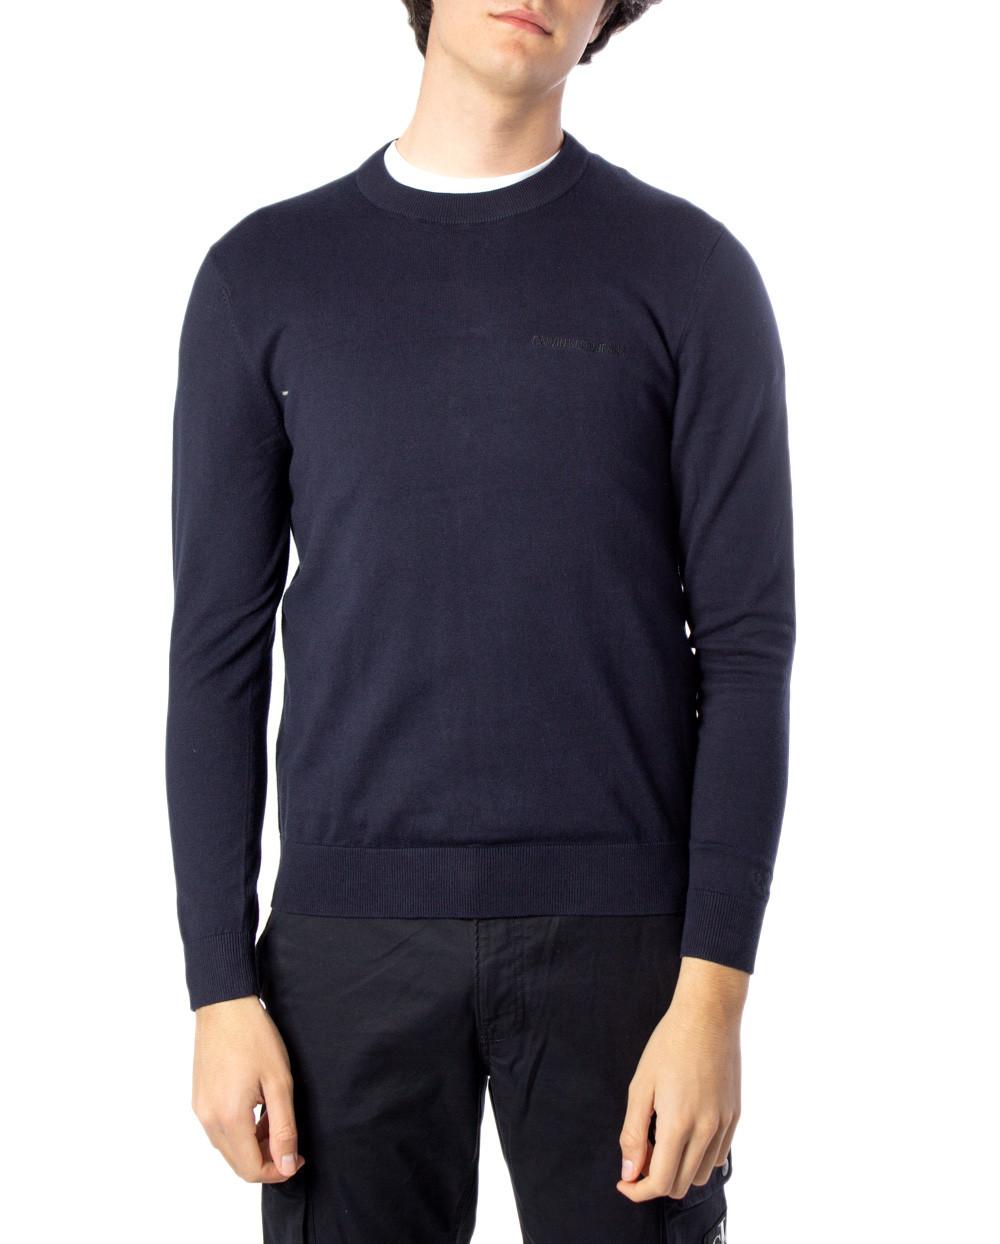 Marchio Calvin Klein Jeans Genere Uomo Tipologia Maglie Stagione Primavera/…